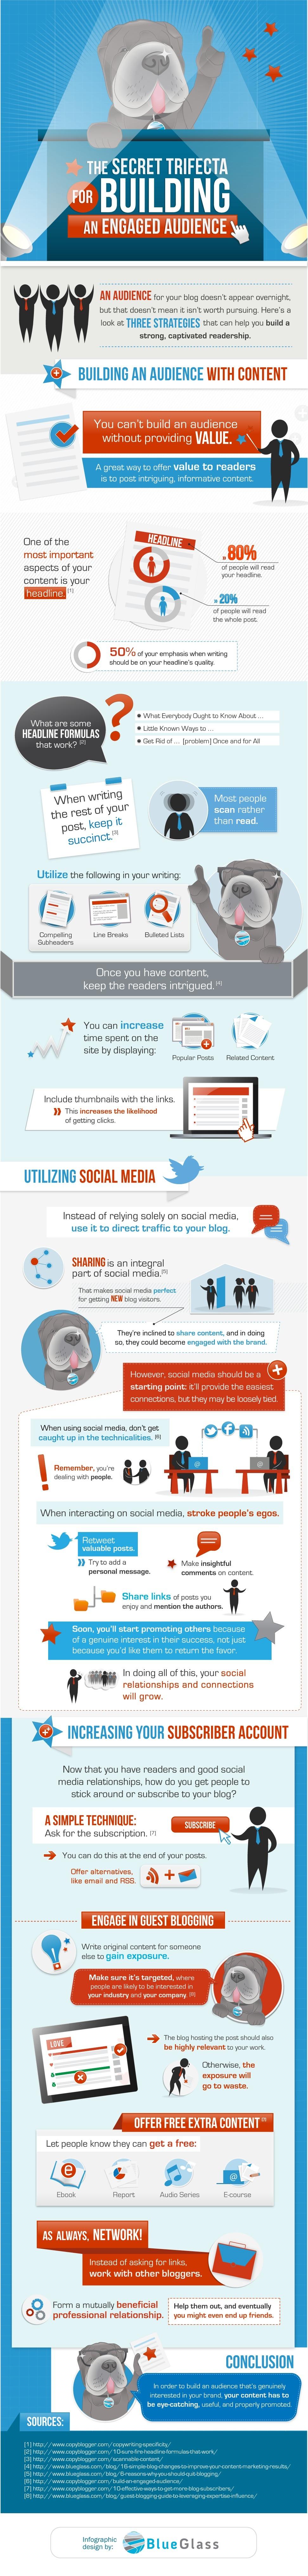 컨텐츠 마케팅, 소셜미디어로 고객을 만들어내는 3가지 팁